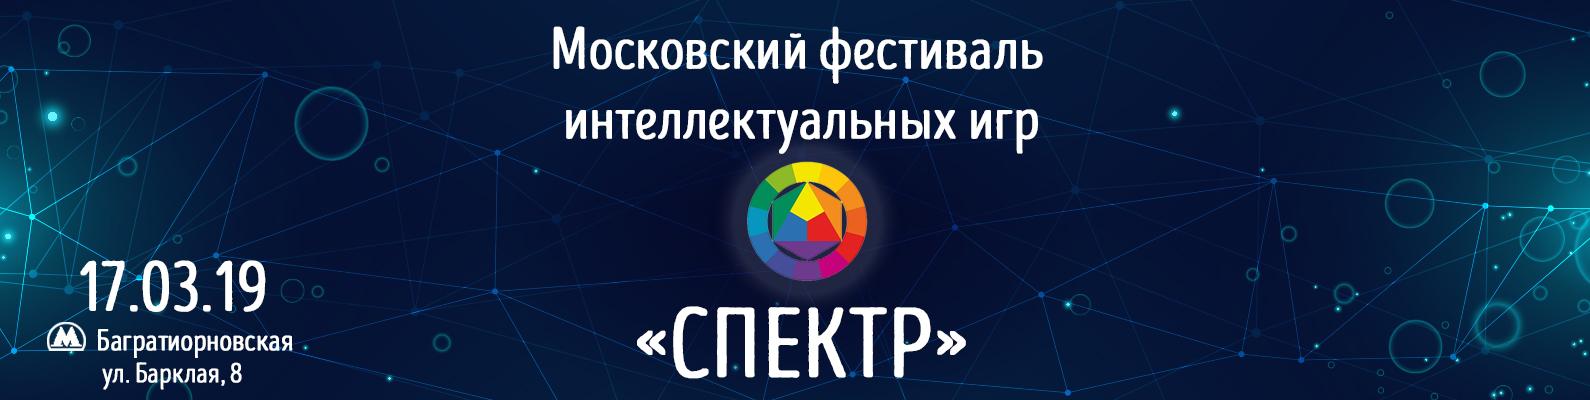 """Фестиваль интеллектуальных игр """"СПЕКТР-2019"""""""